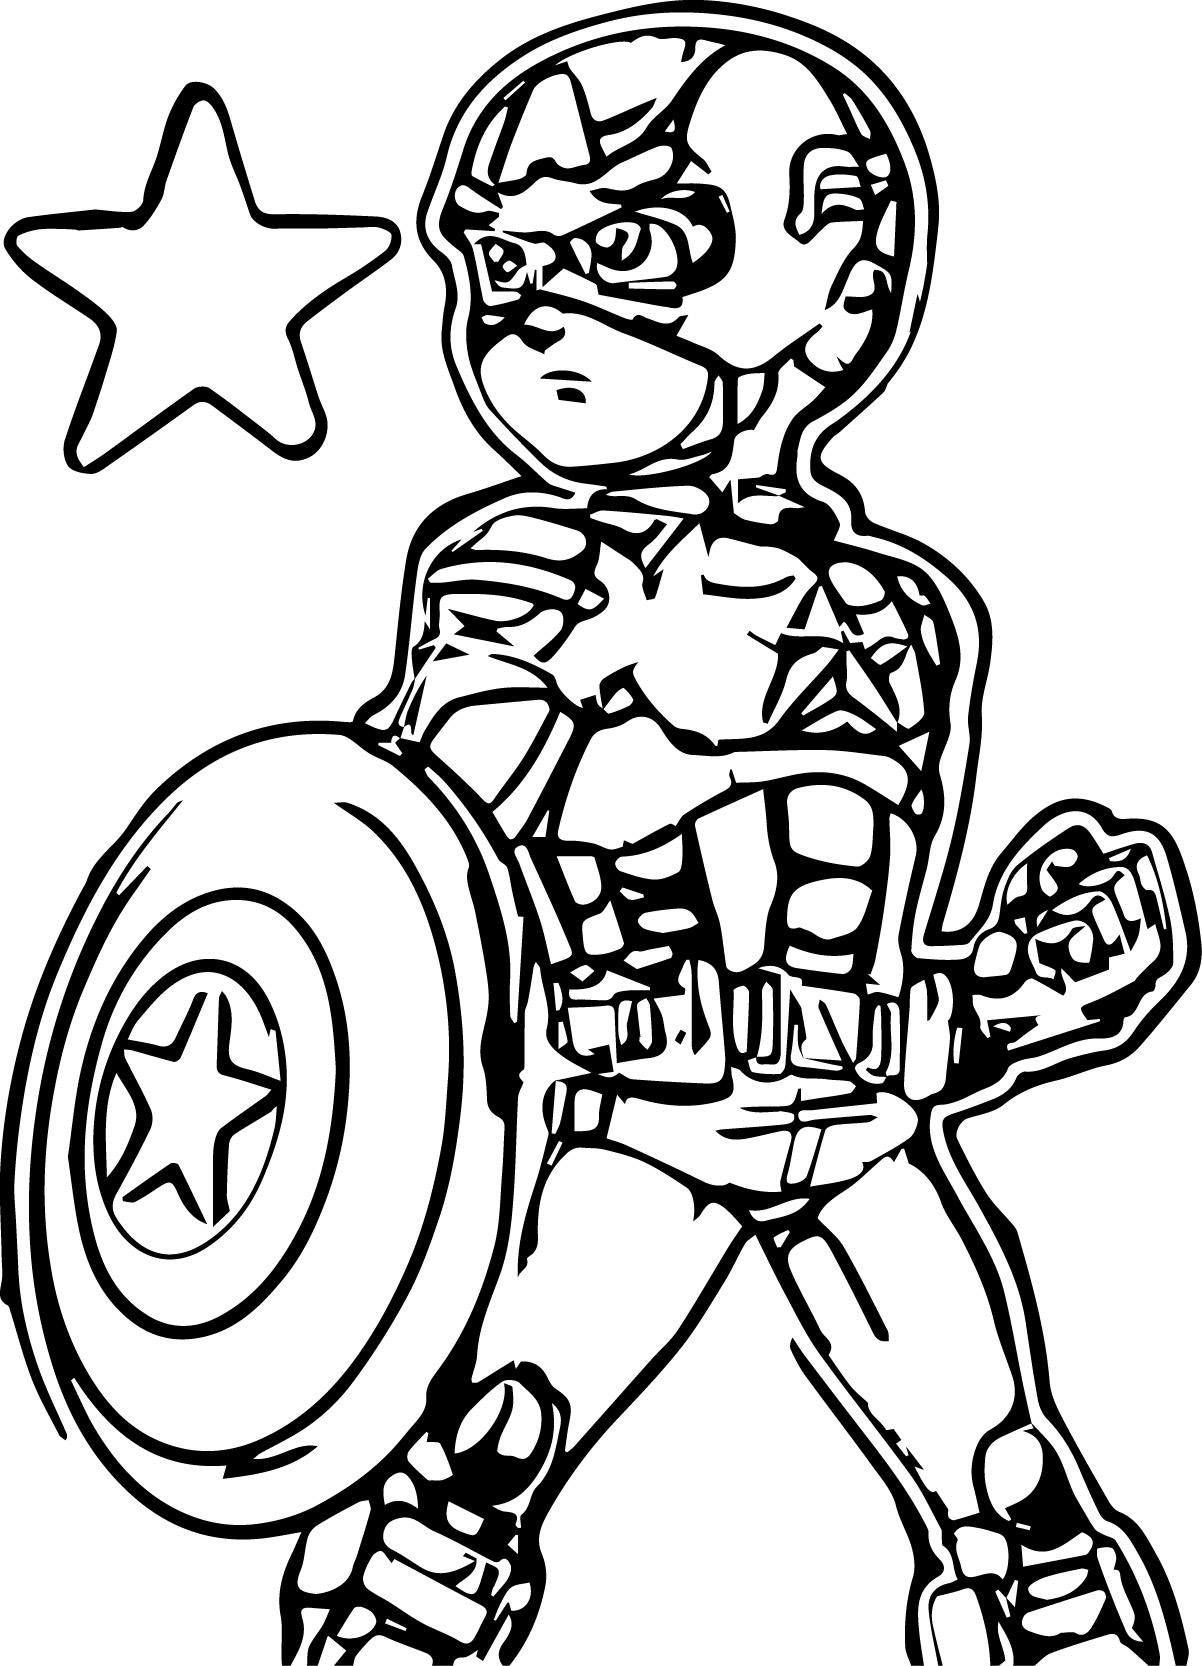 Nouveau Coloriage Captain America Lego | Imprimer et ...